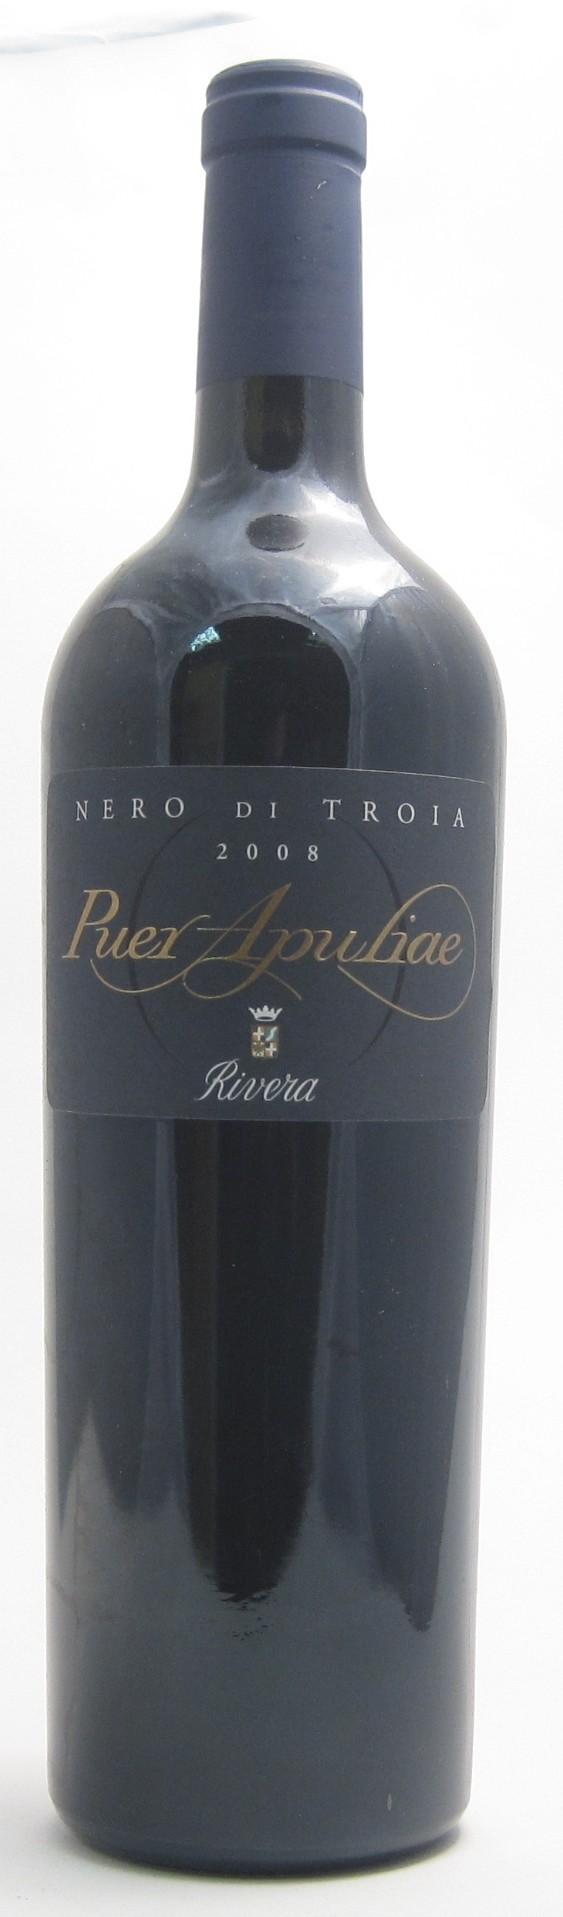 Rivera Puer Apuliae Nero di Troia